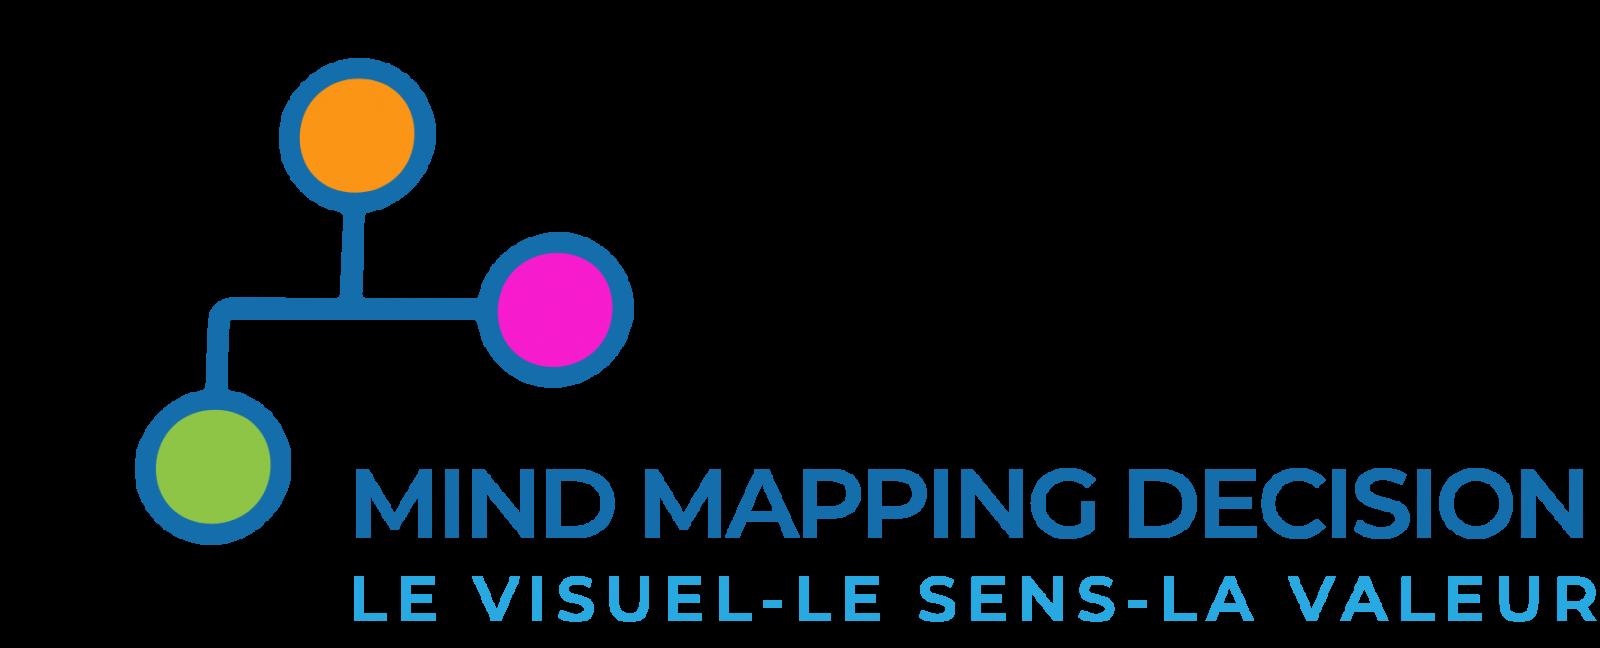 Sophrologie et Mind Mapping: le Corps se Détend, l'Esprit s'Eveille